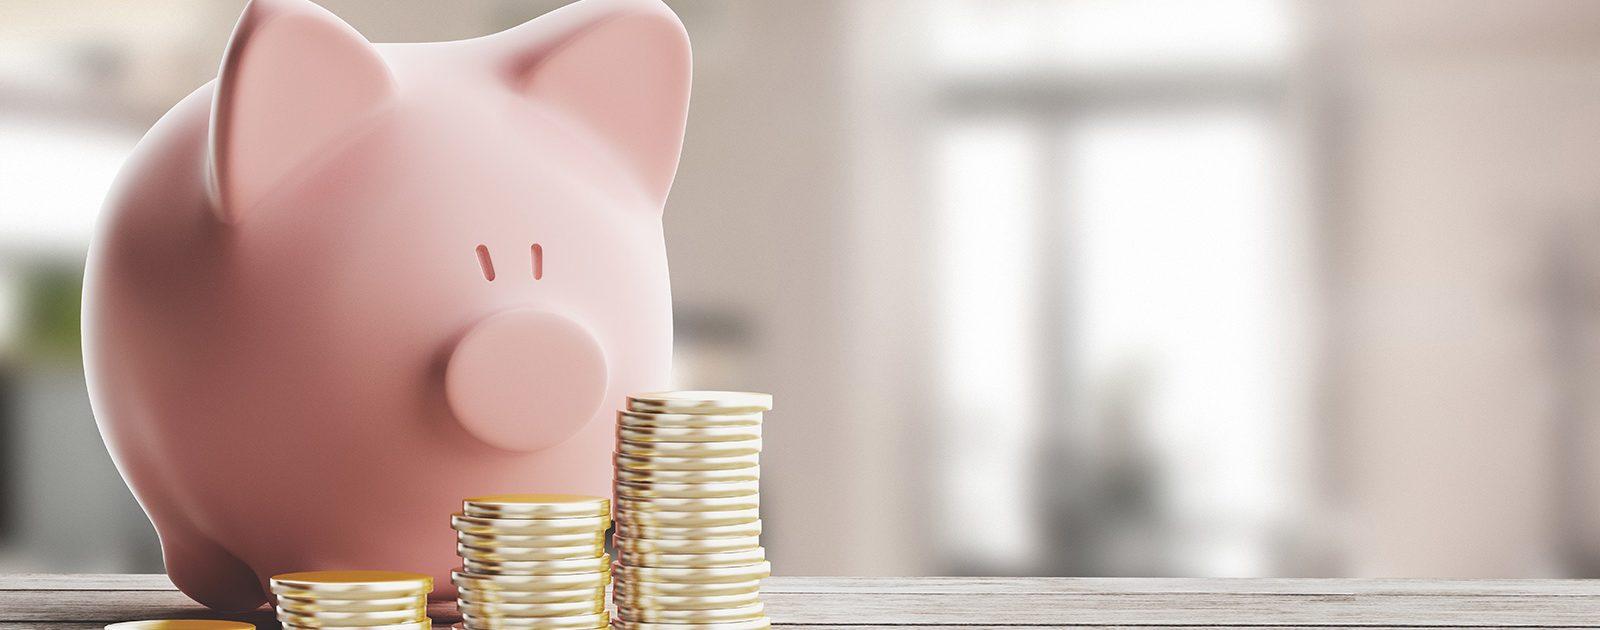 Sparschwein mit Geld aus Kinderzuschlag davor.